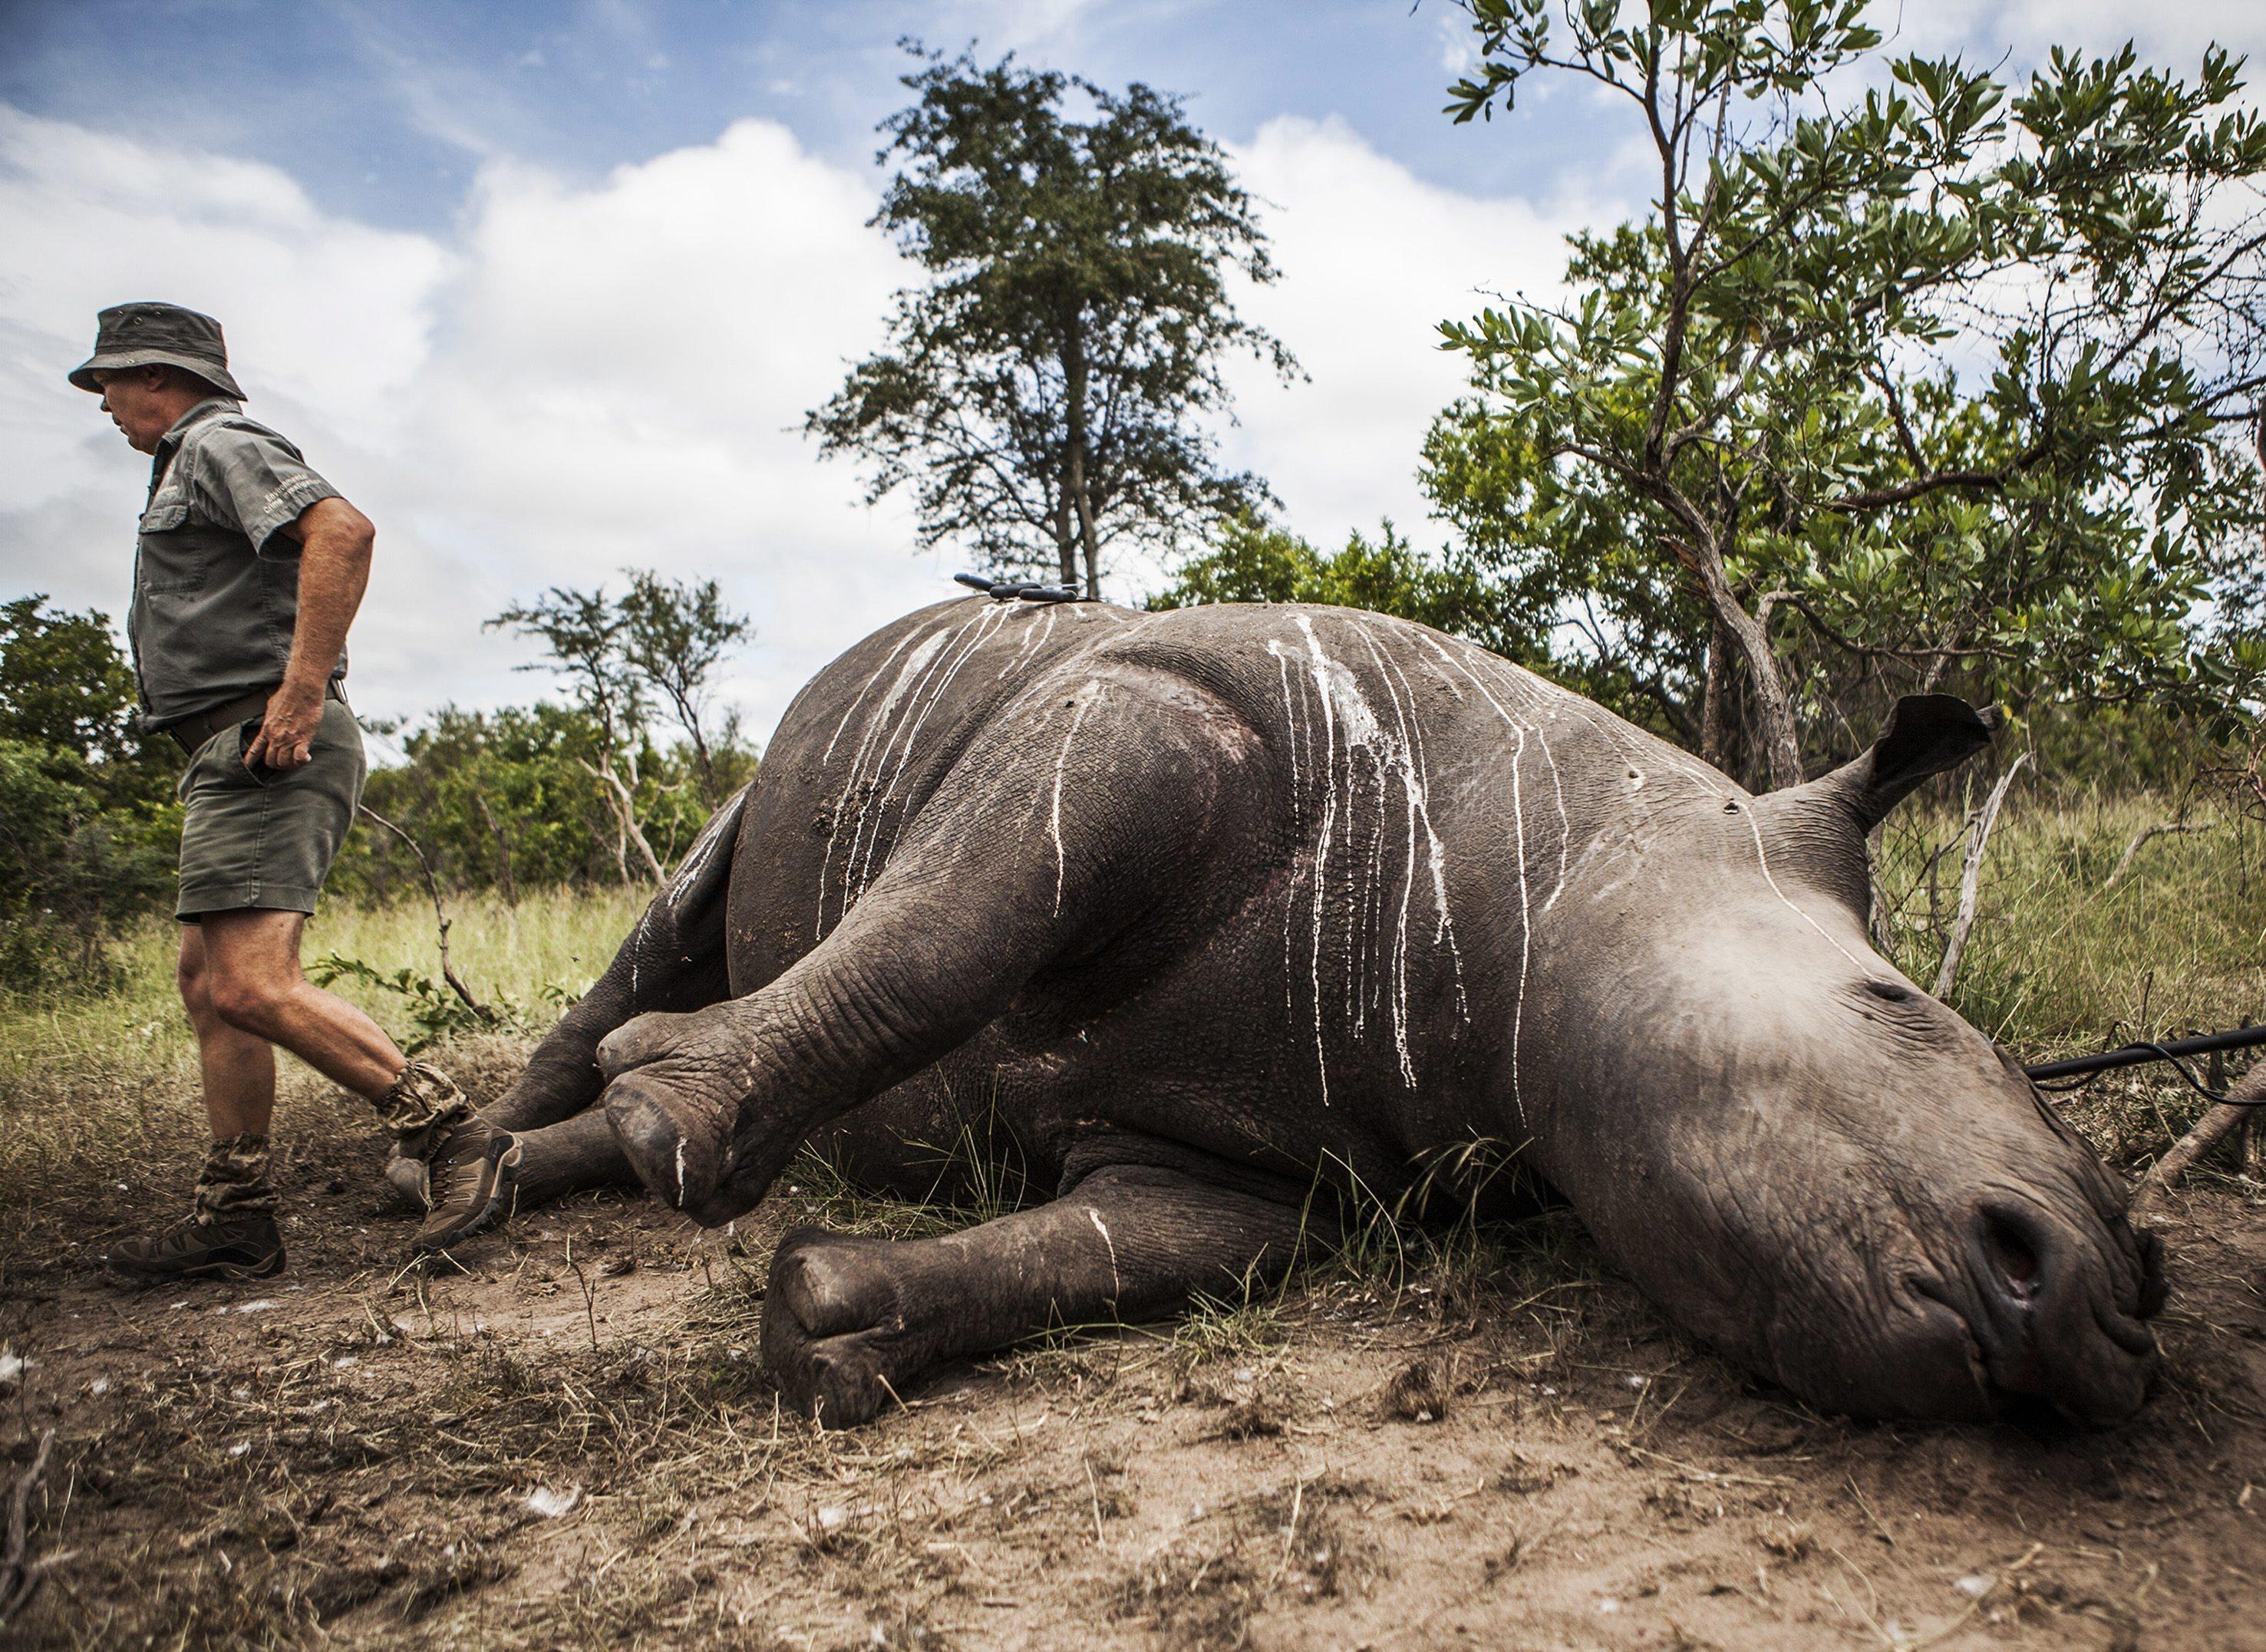 Autoridades turcas apreendem cornos de rinoceronte oriundos de Moçambique orçados em 1,9 ME de euros